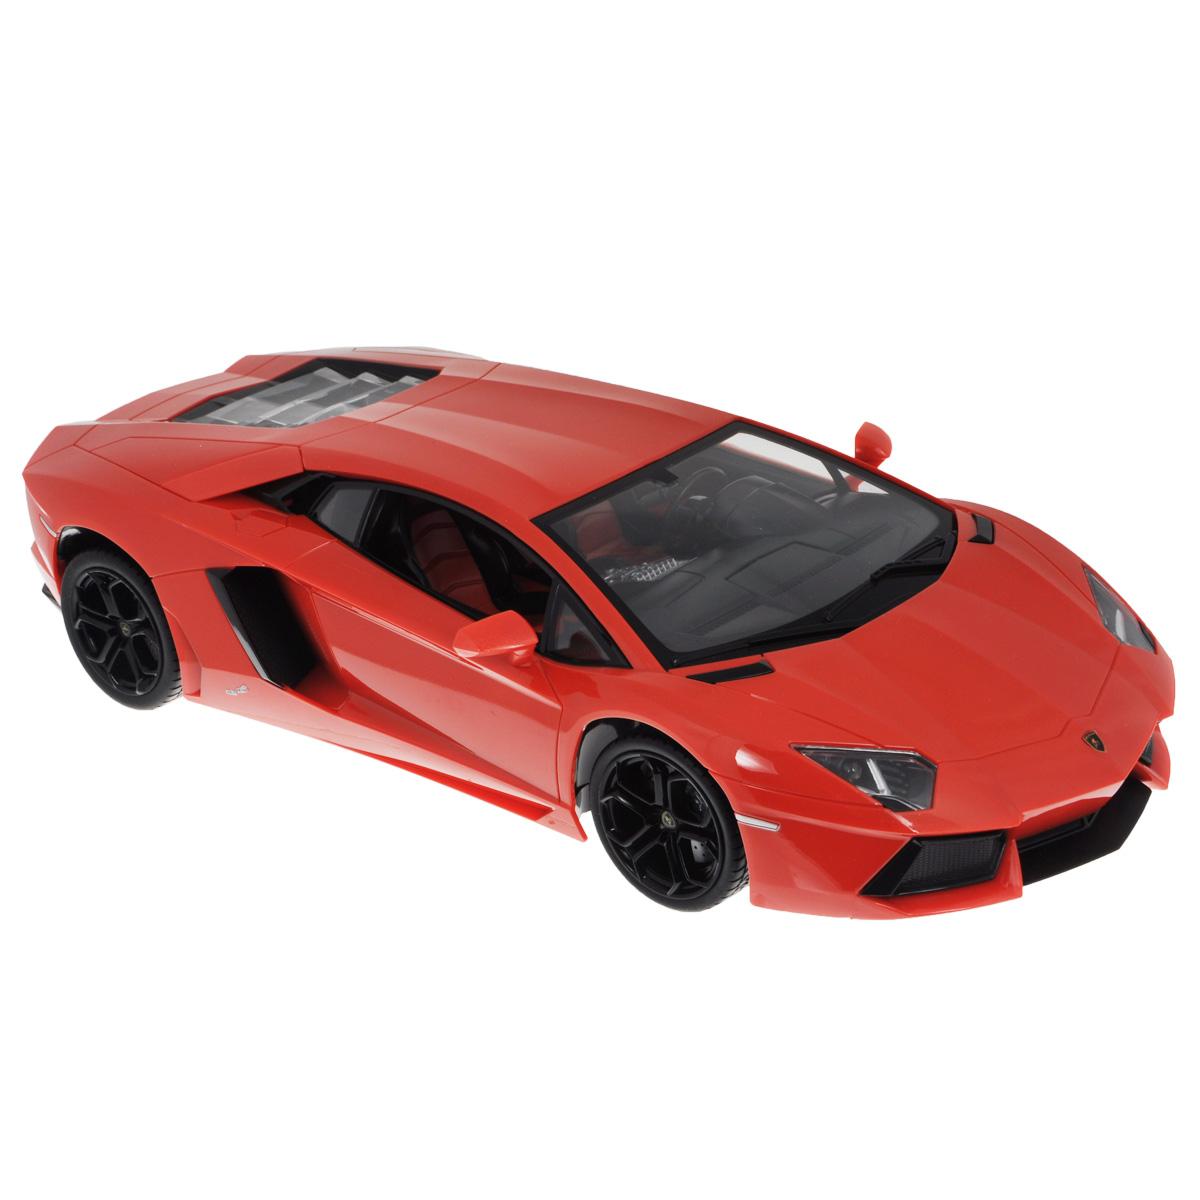 """Все мальчишки любят мощные крутые тачки! Особенно если это дорогие машины известной марки, которые, проезжая по улице, обращают на себя восторженные взгляды пешеходов. Радиоуправляемая модель TopGear """"Lamborghini 700"""" - это детальная копия существующего автомобиля в масштабе 1:14. Машинка изготовлена из прочного легкого пластика; колеса прорезинены. При движении передние и задние фары машины светятся. При помощи пульта управления автомобиль может перемещаться вперед, дает задний ход, поворачивает влево и вправо, останавливается. Встроенные амортизаторы обеспечивают комфортное движение.В комплект входят машинка, пульт управления, зарядное устройство (время зарядки составляет 4-5 часов), аккумулятор и 2 батарейки.Автомобиль отличается потрясающей маневренностью и динамикой. Ваш ребенок часами будет играть с моделью, устраивая захватывающие гонки.  Машина работает от аккумулятора напряжением 6V DC (входит в комплект). Пульт управления работает от 2 батареек напряжением 1,5V типа АА (входят в комплект)."""